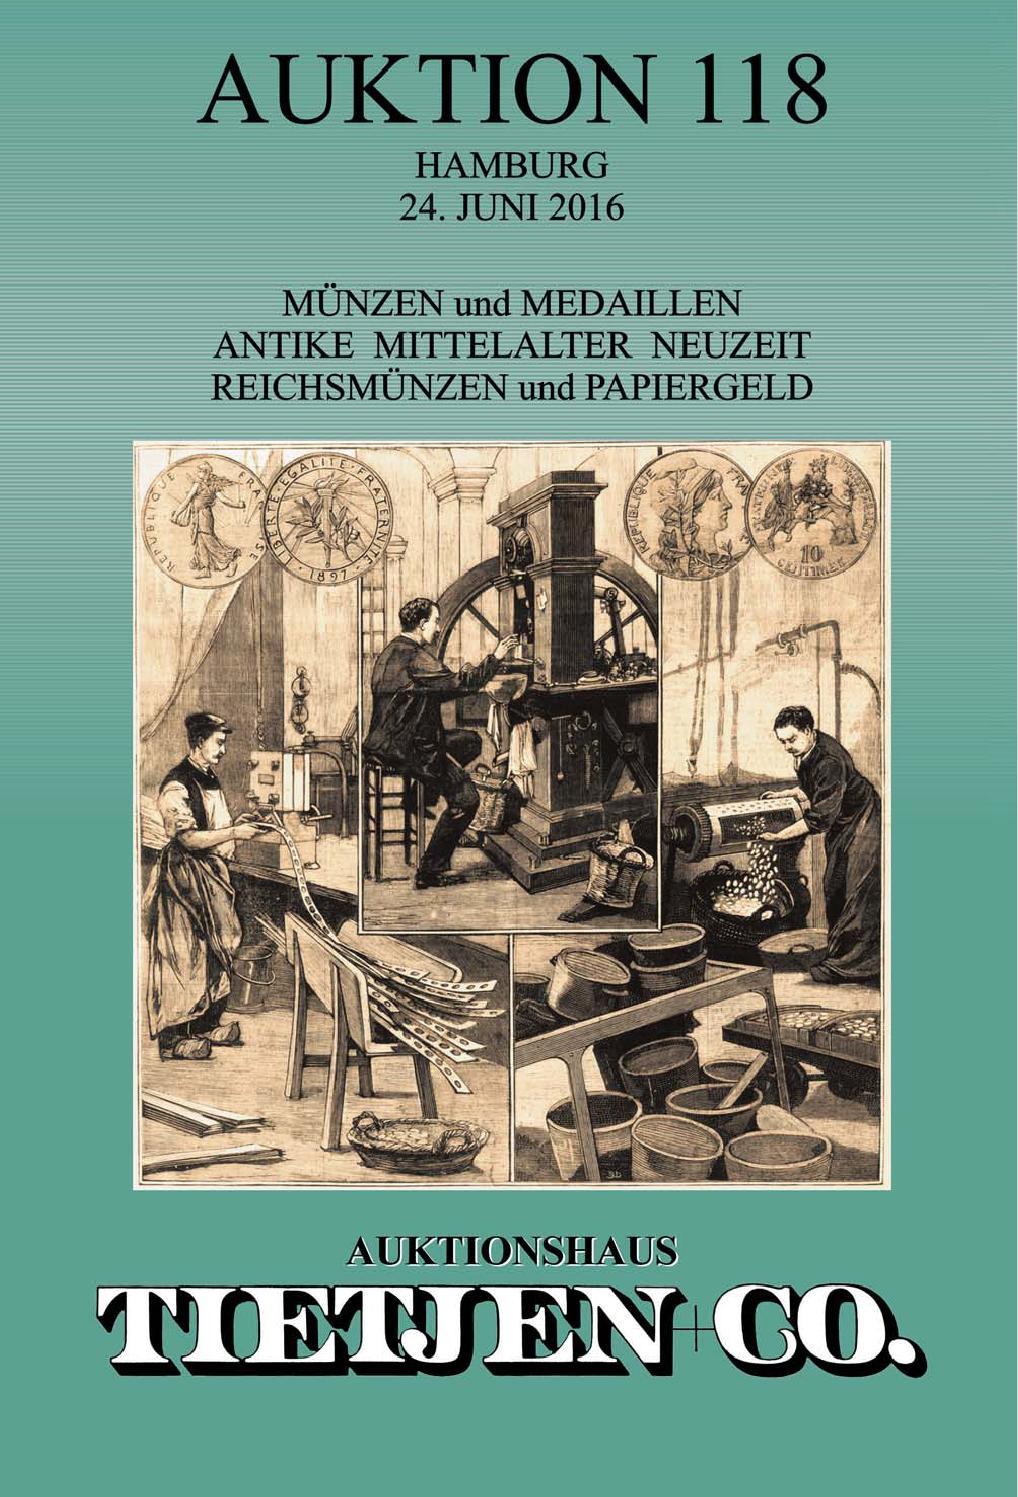 Lauchhammer Plakette Kunstguss Heikige drei Könige 1926